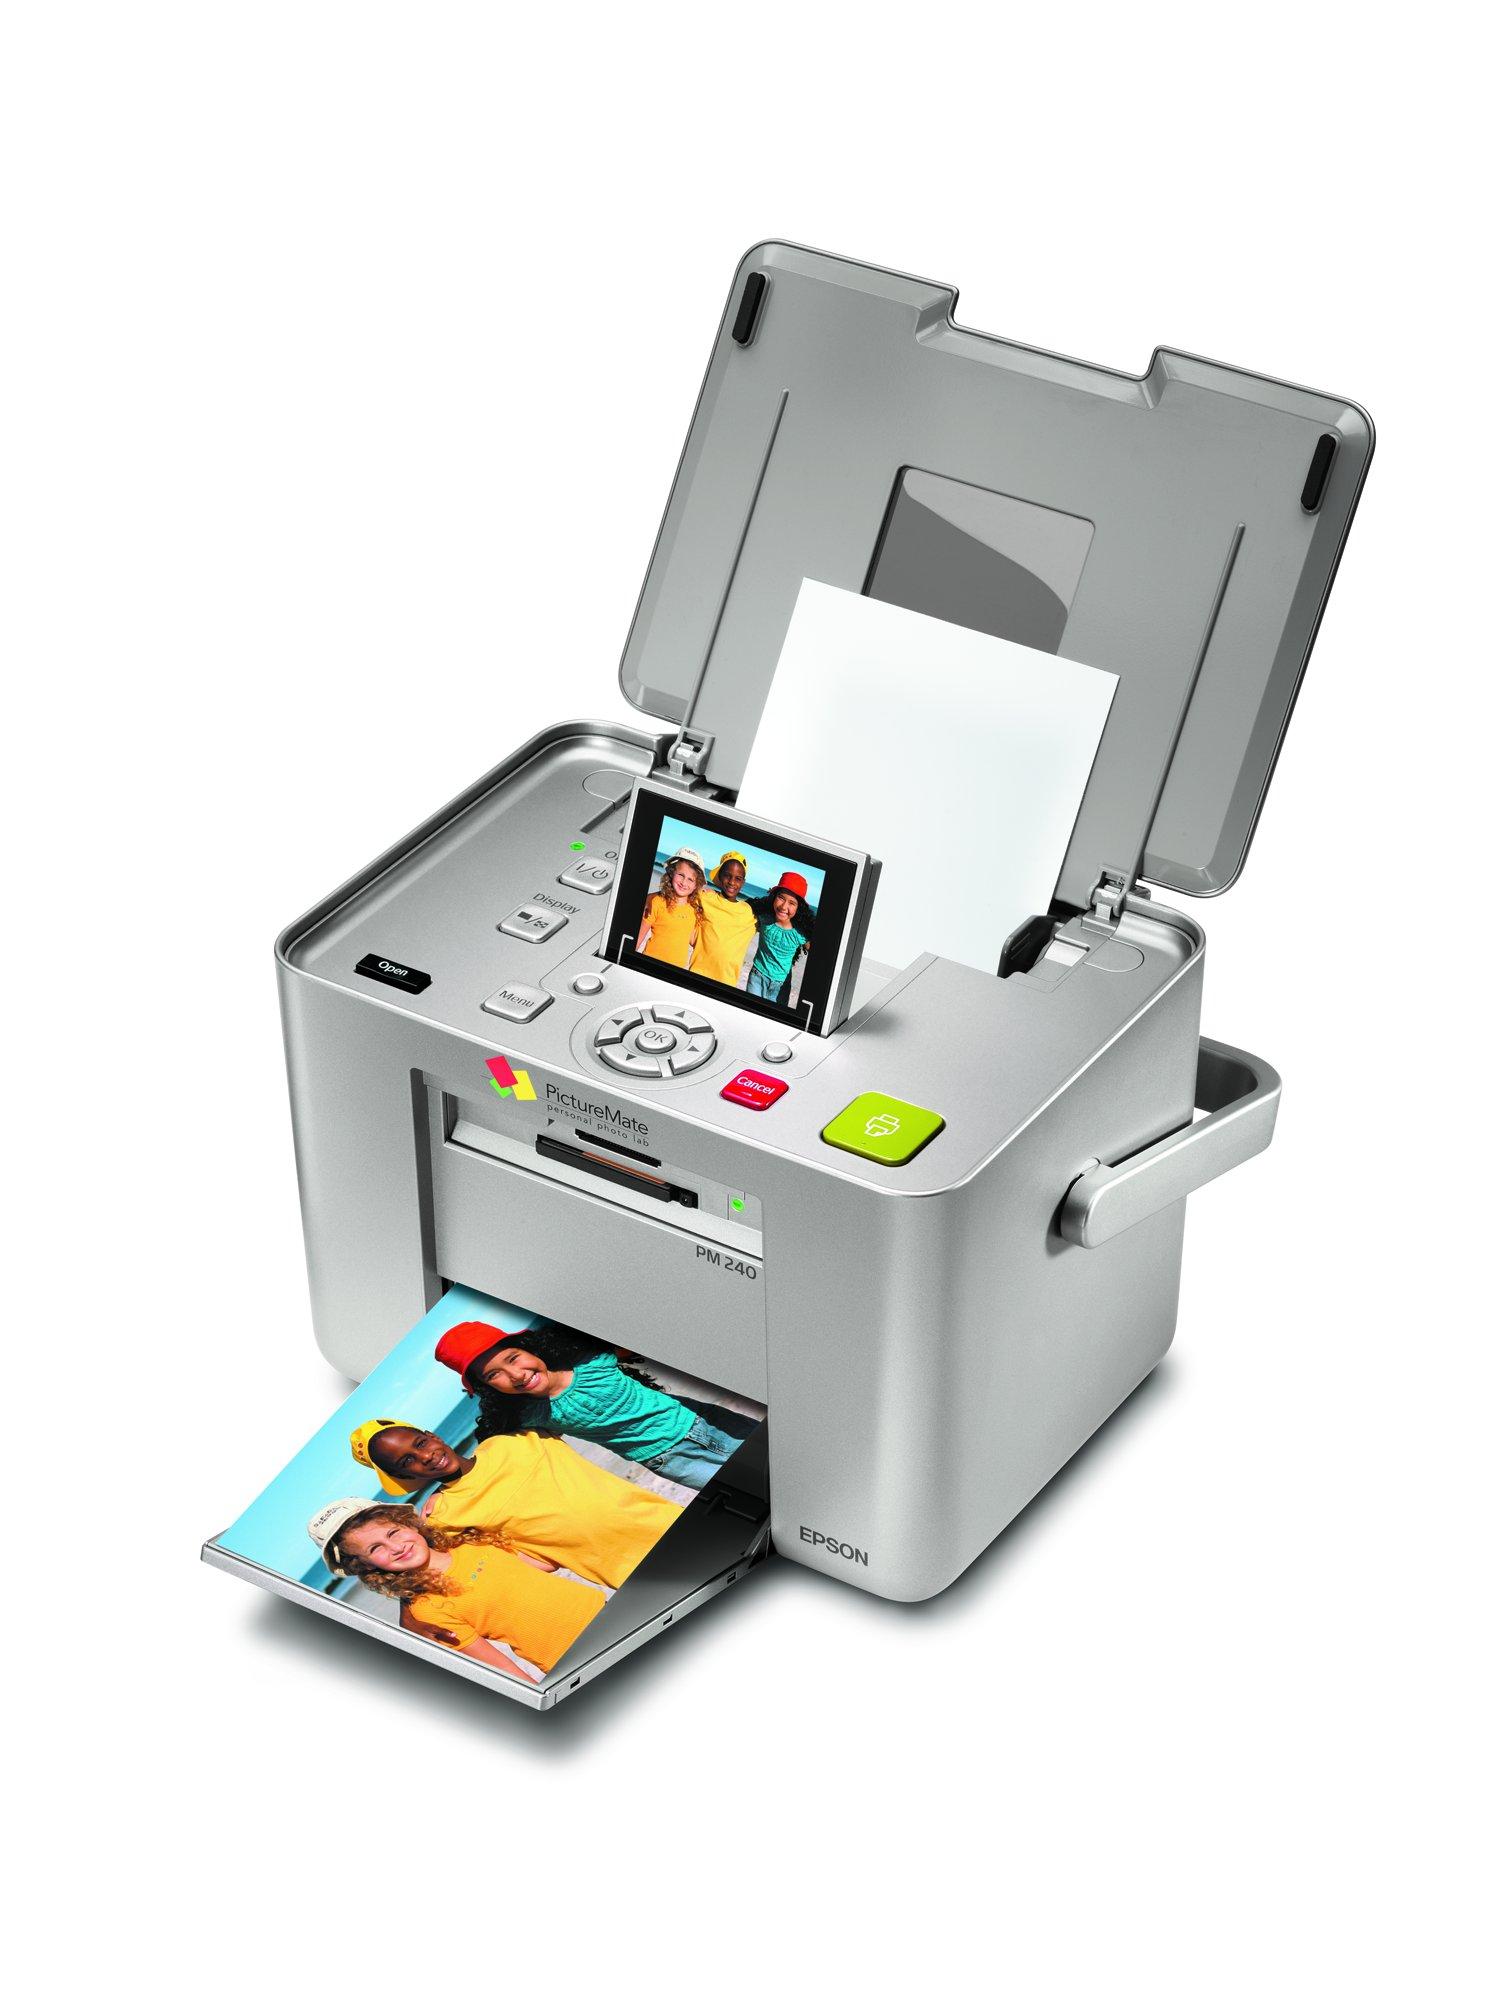 2 x 6 photo printer Atif Aslam Images Photos Pics Wallpapers, Atif Aslam Photo Gallery